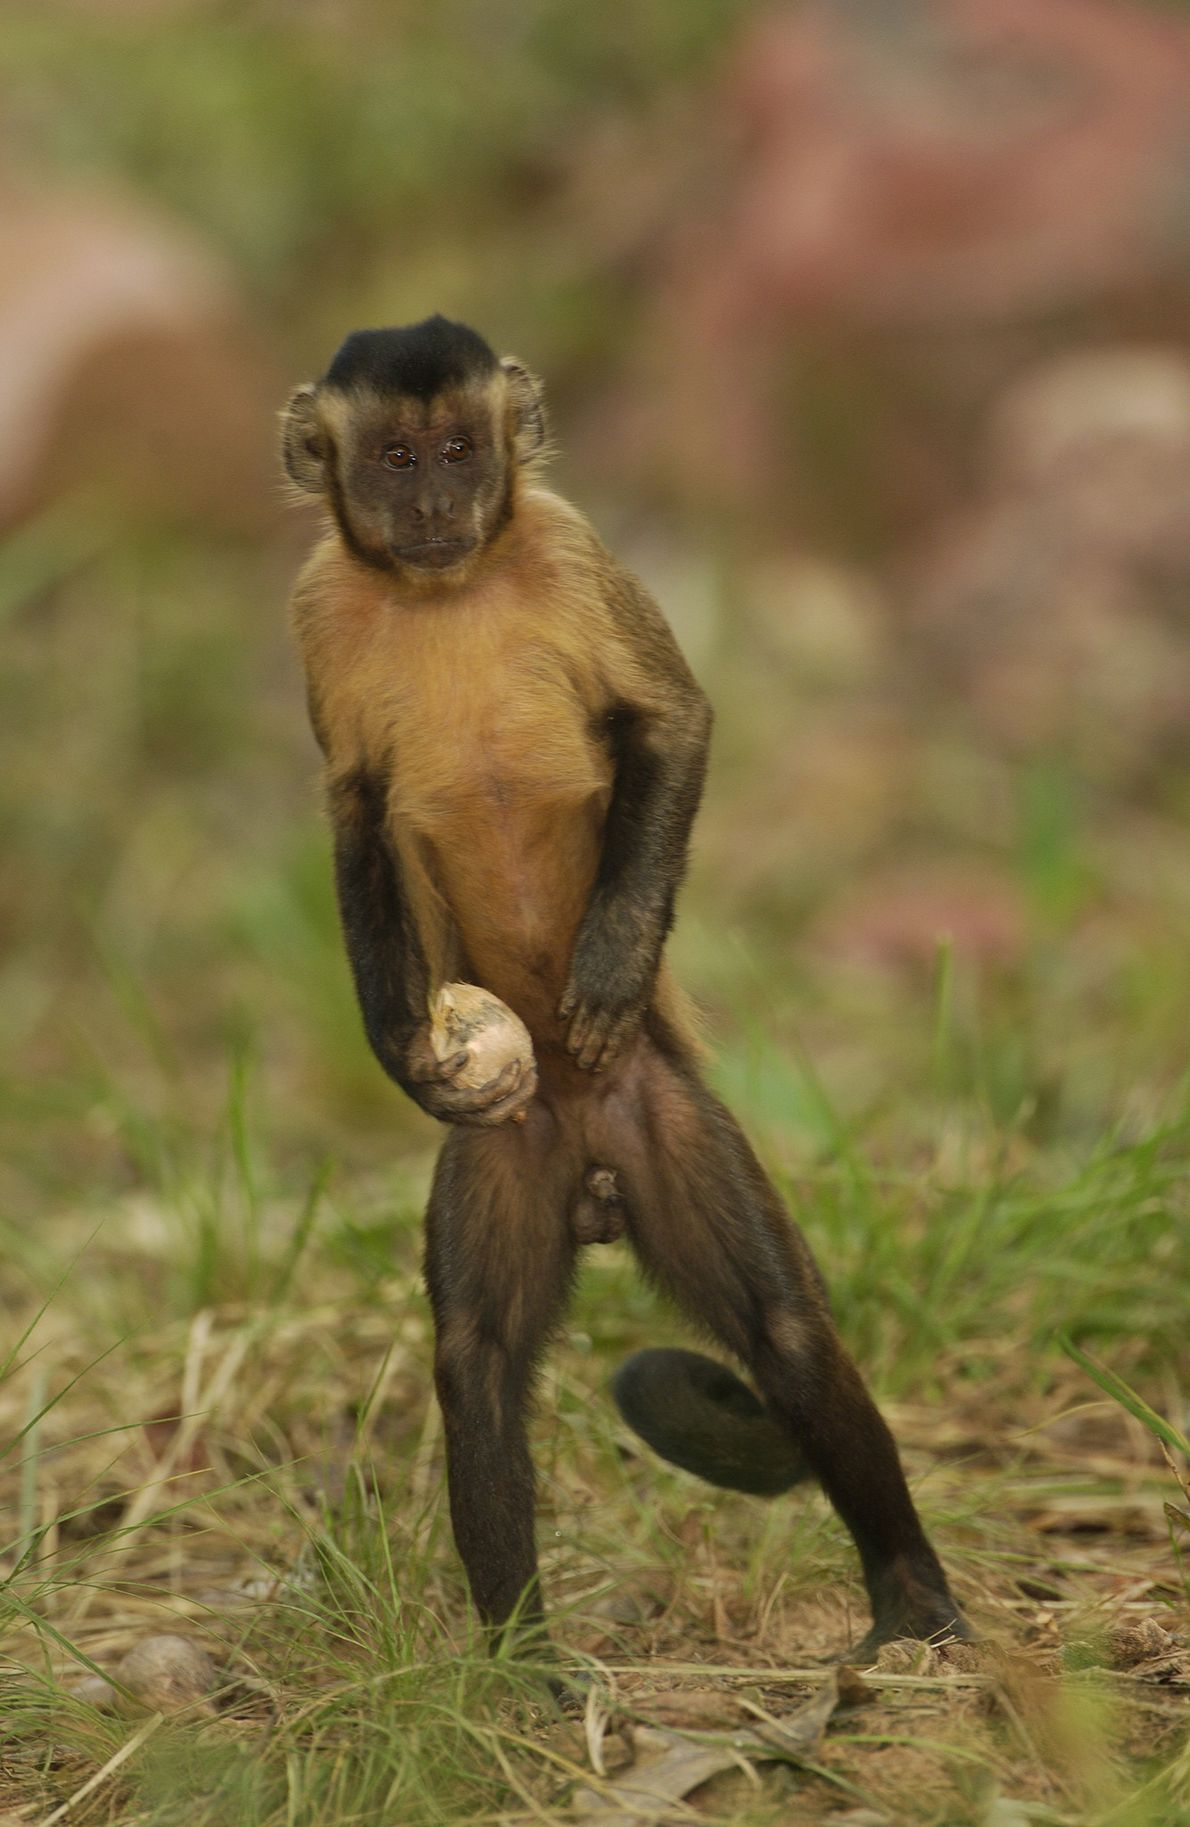 Macaco-prego carrega semente enquanto procura uma pedra para poder abri-la.